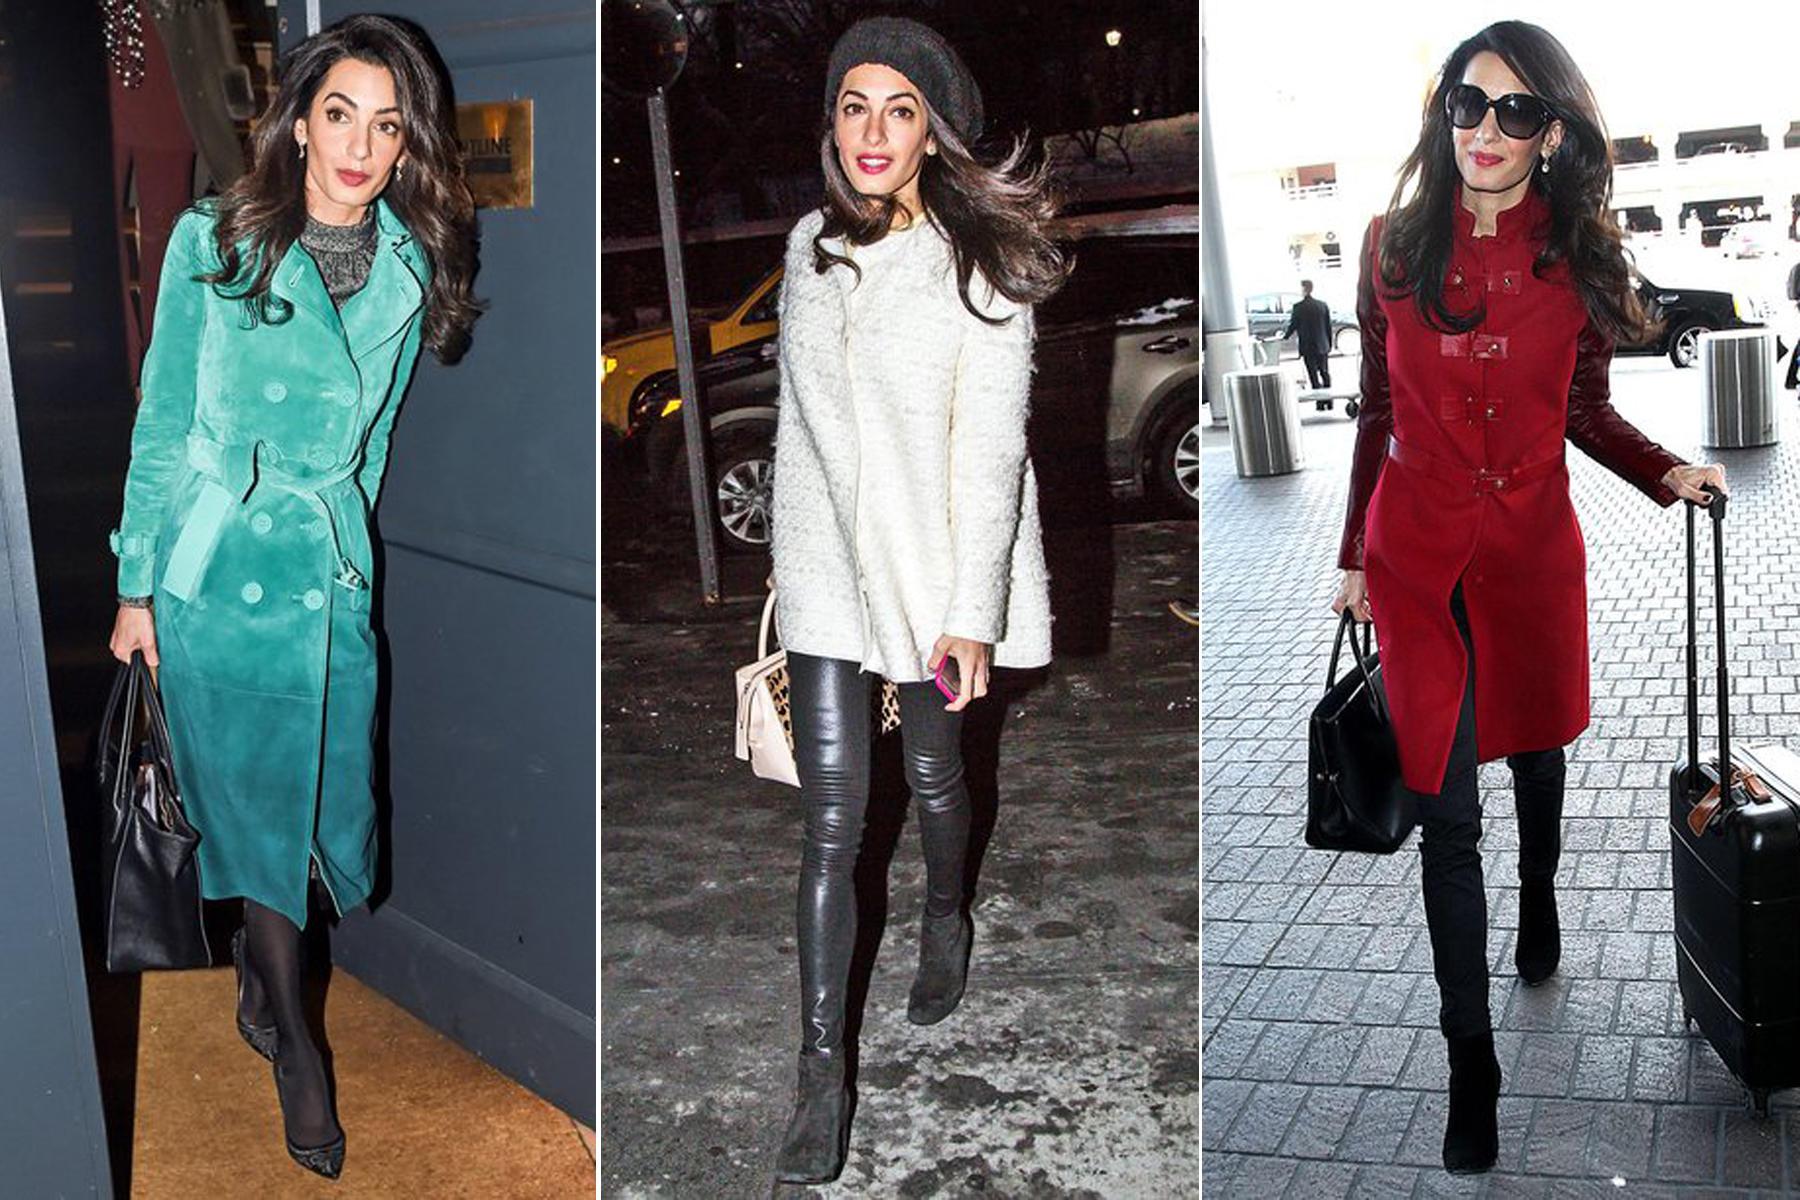 Luxus am laufenden Band: Der grüne Burberry-Mantel kostet schlappe 5500 Euro, der cremeweiße Bouclé-Mantel von Giambattista Vallli ist für ca. 1840 Euro zu haben und den roten Statement-Coat von Versace ließ sich Amal Clooney knapp 1765 Euro kosten.